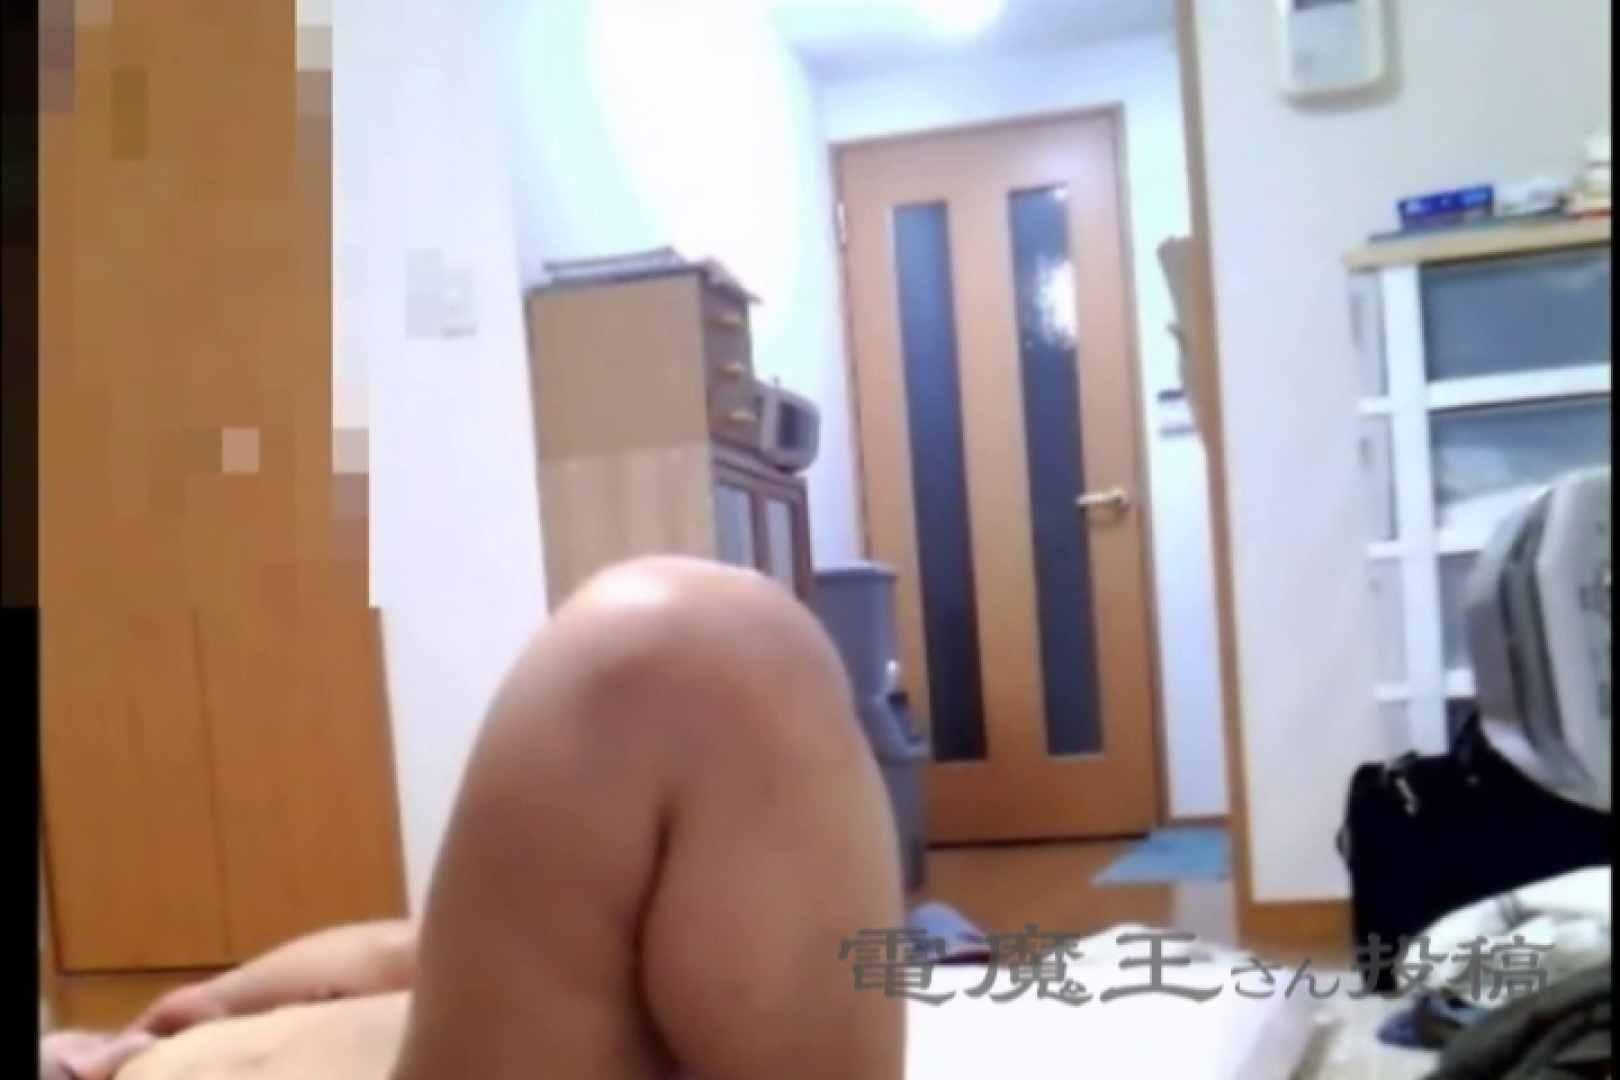 電魔王さんの「隠撮の部屋」ケイ 隠撮  90連発 89